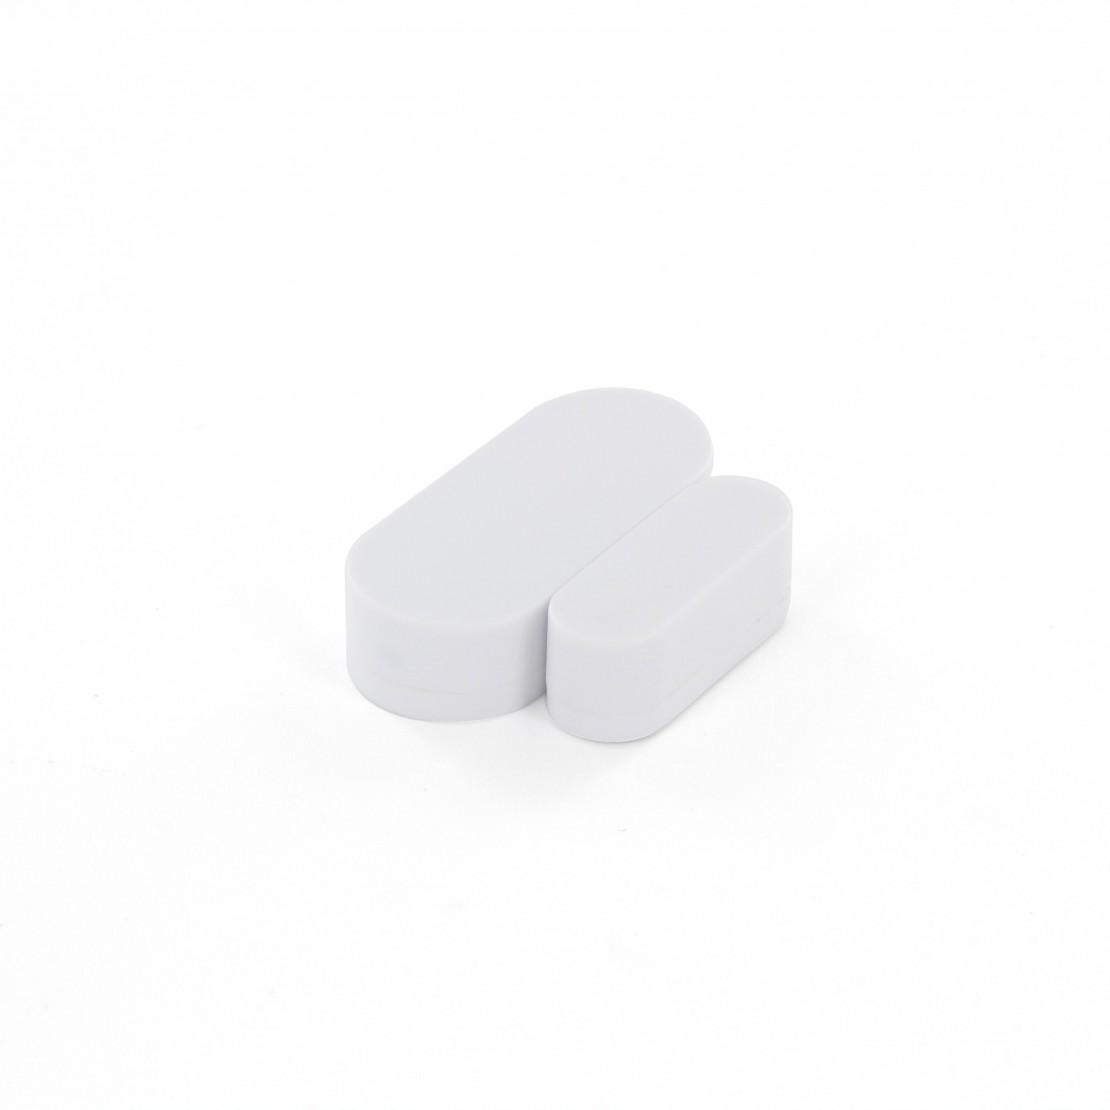 Mini détecteur d'ouverture  de porte ou fenêtre - DiO 1.0